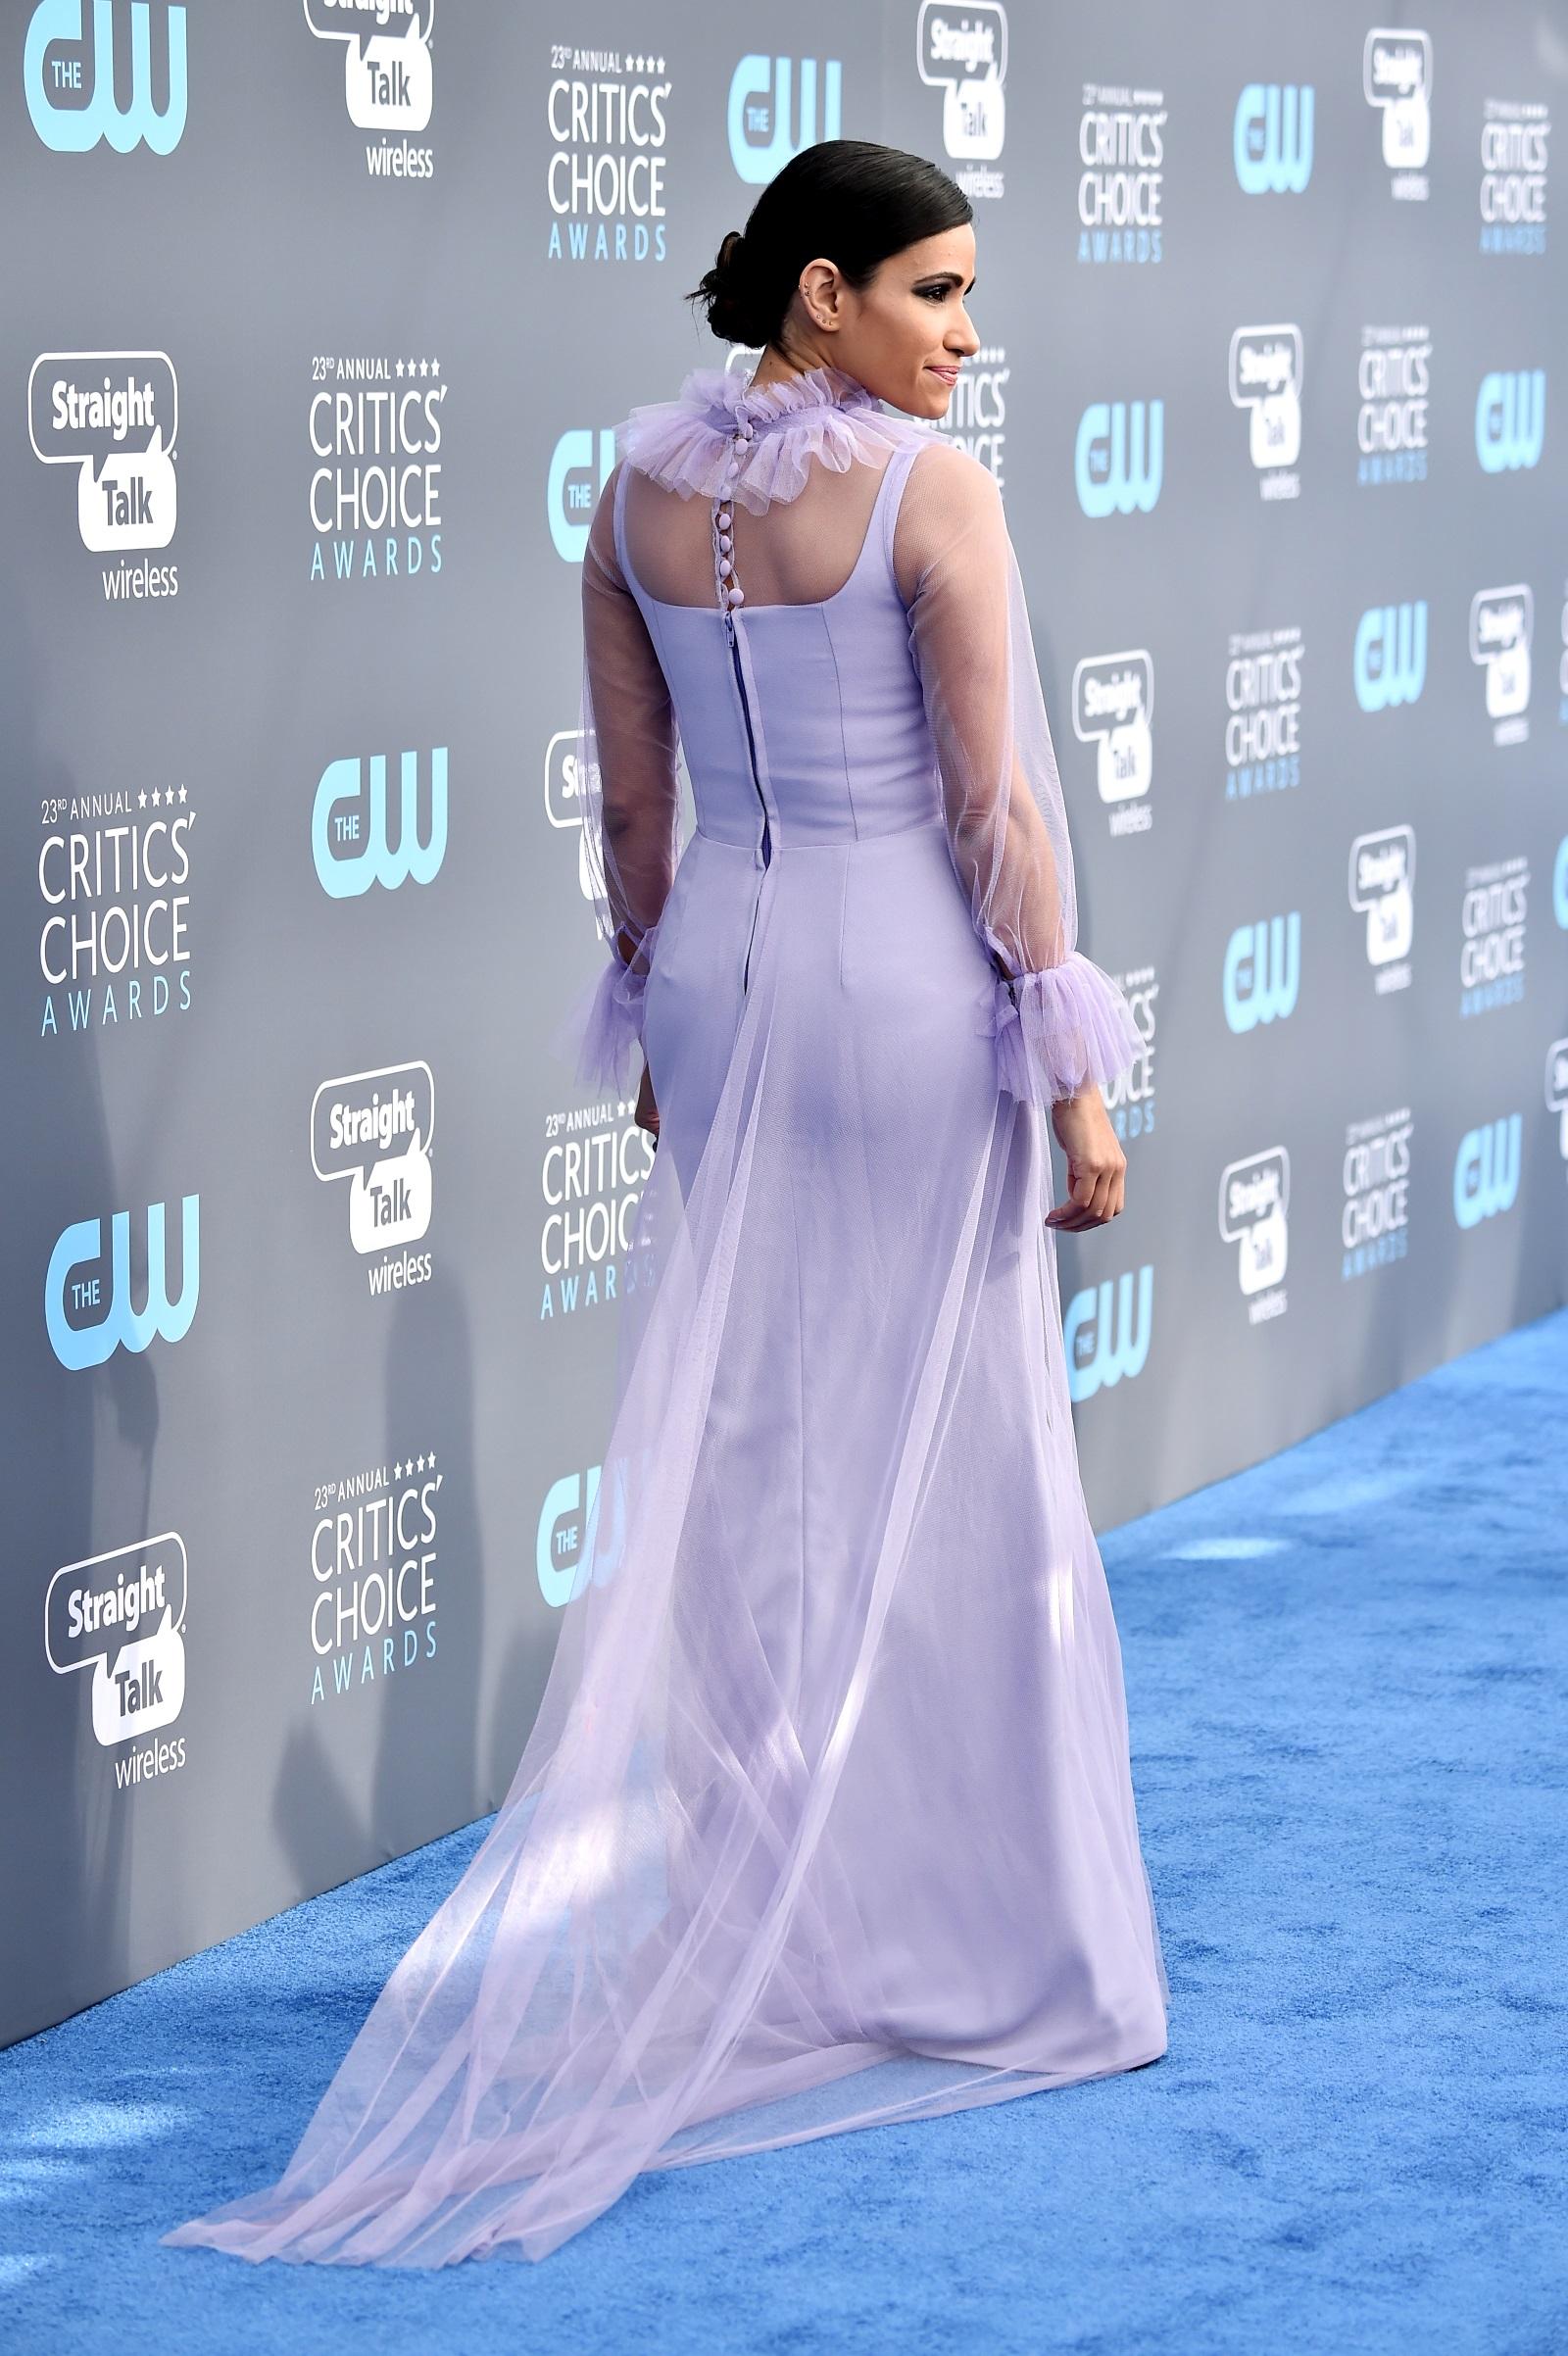 """Тифани Смит е американска актриса, позната с малки роли в сериалите """"Свръхестествено"""" и """"Непорочната Джейн"""". За 36-годишната Смит ролята на херцогиня Маркъл е """"истинско приключение"""" и тя се радва, че може да го сподели именно с Чарли Фийлд, неин партньор в лентата."""